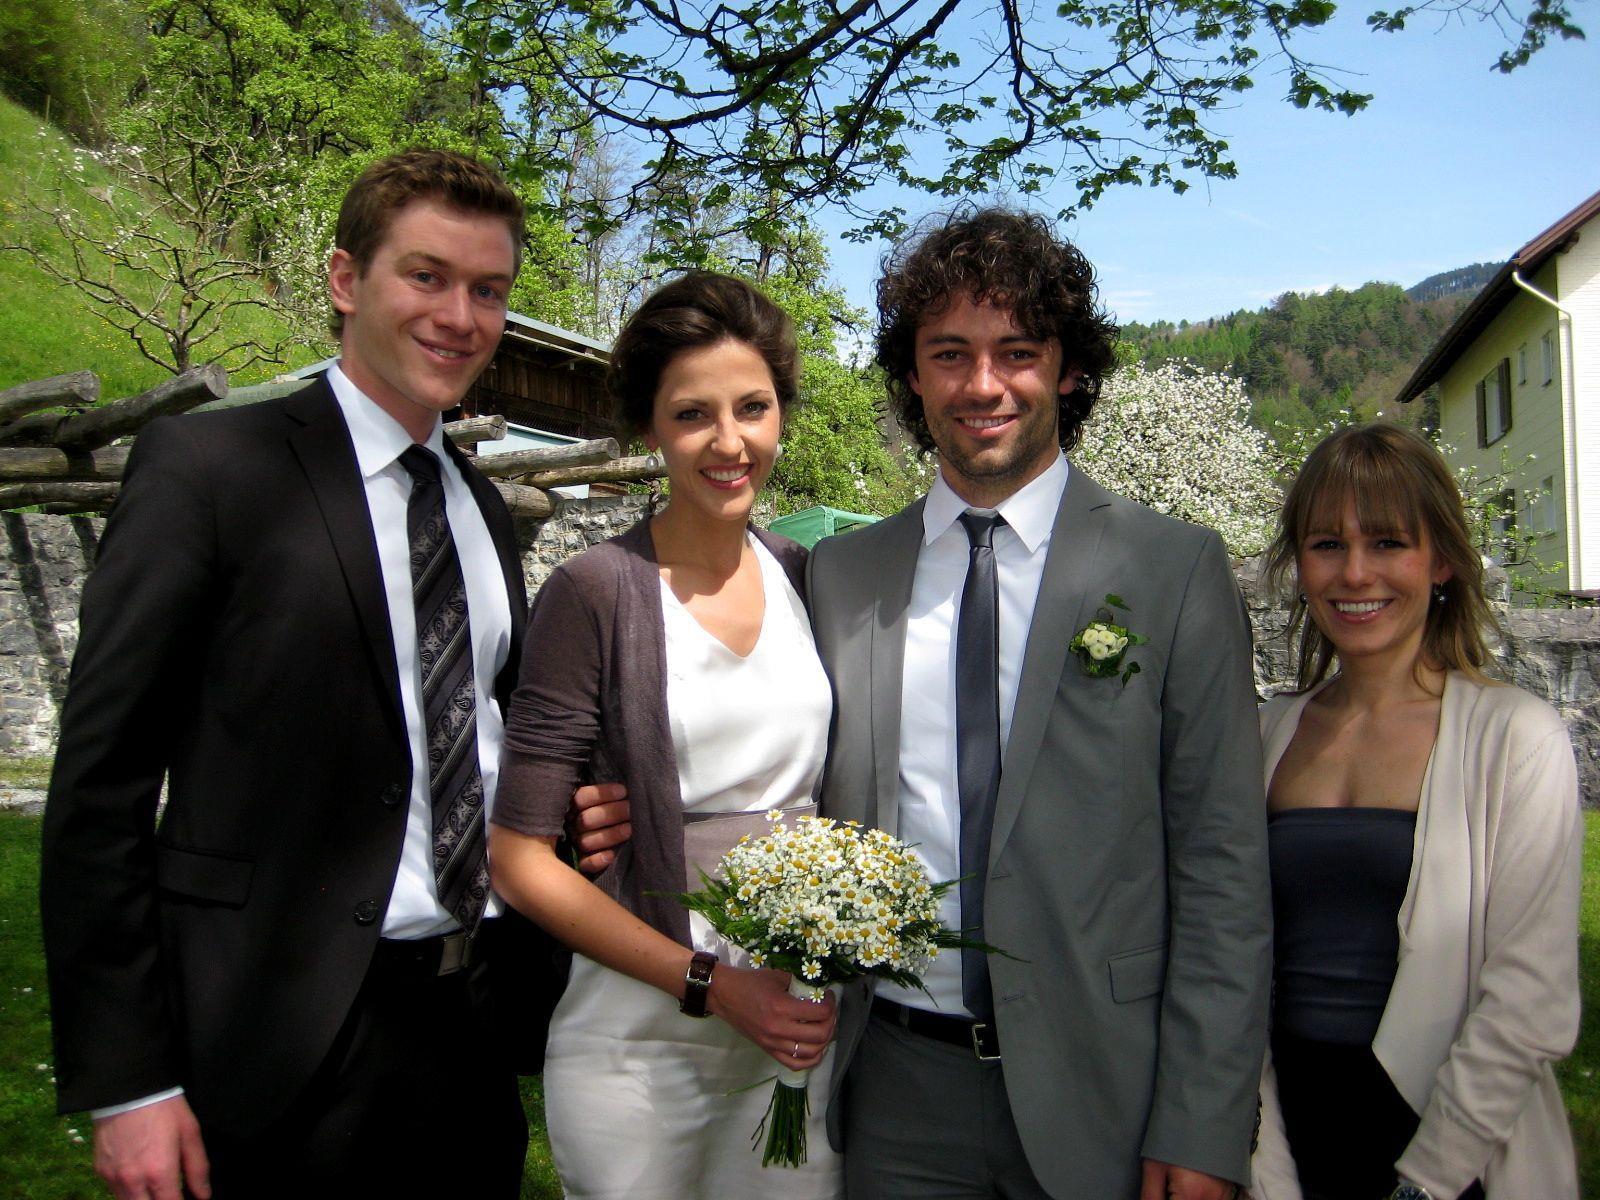 Nadja Maccani und Martin Frontull haben geheiratet.